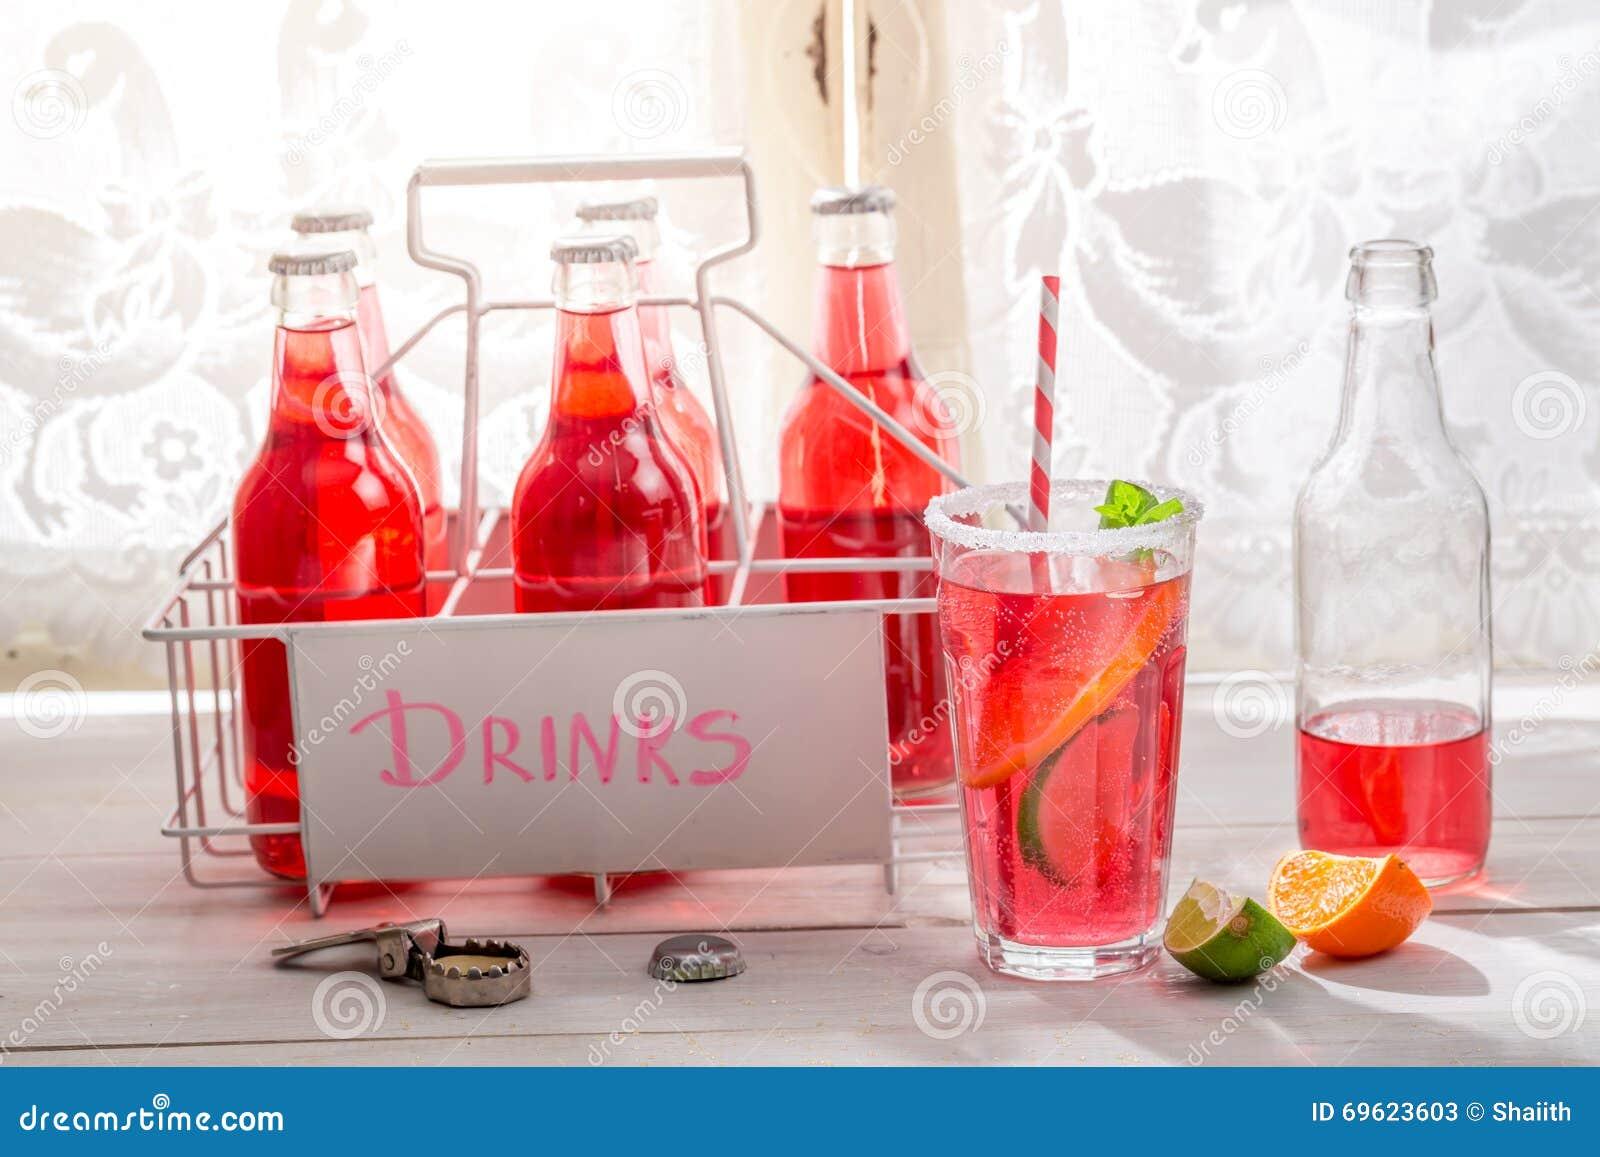 Orangeade rouge savoureuse dans la bouteille avec des agrumes